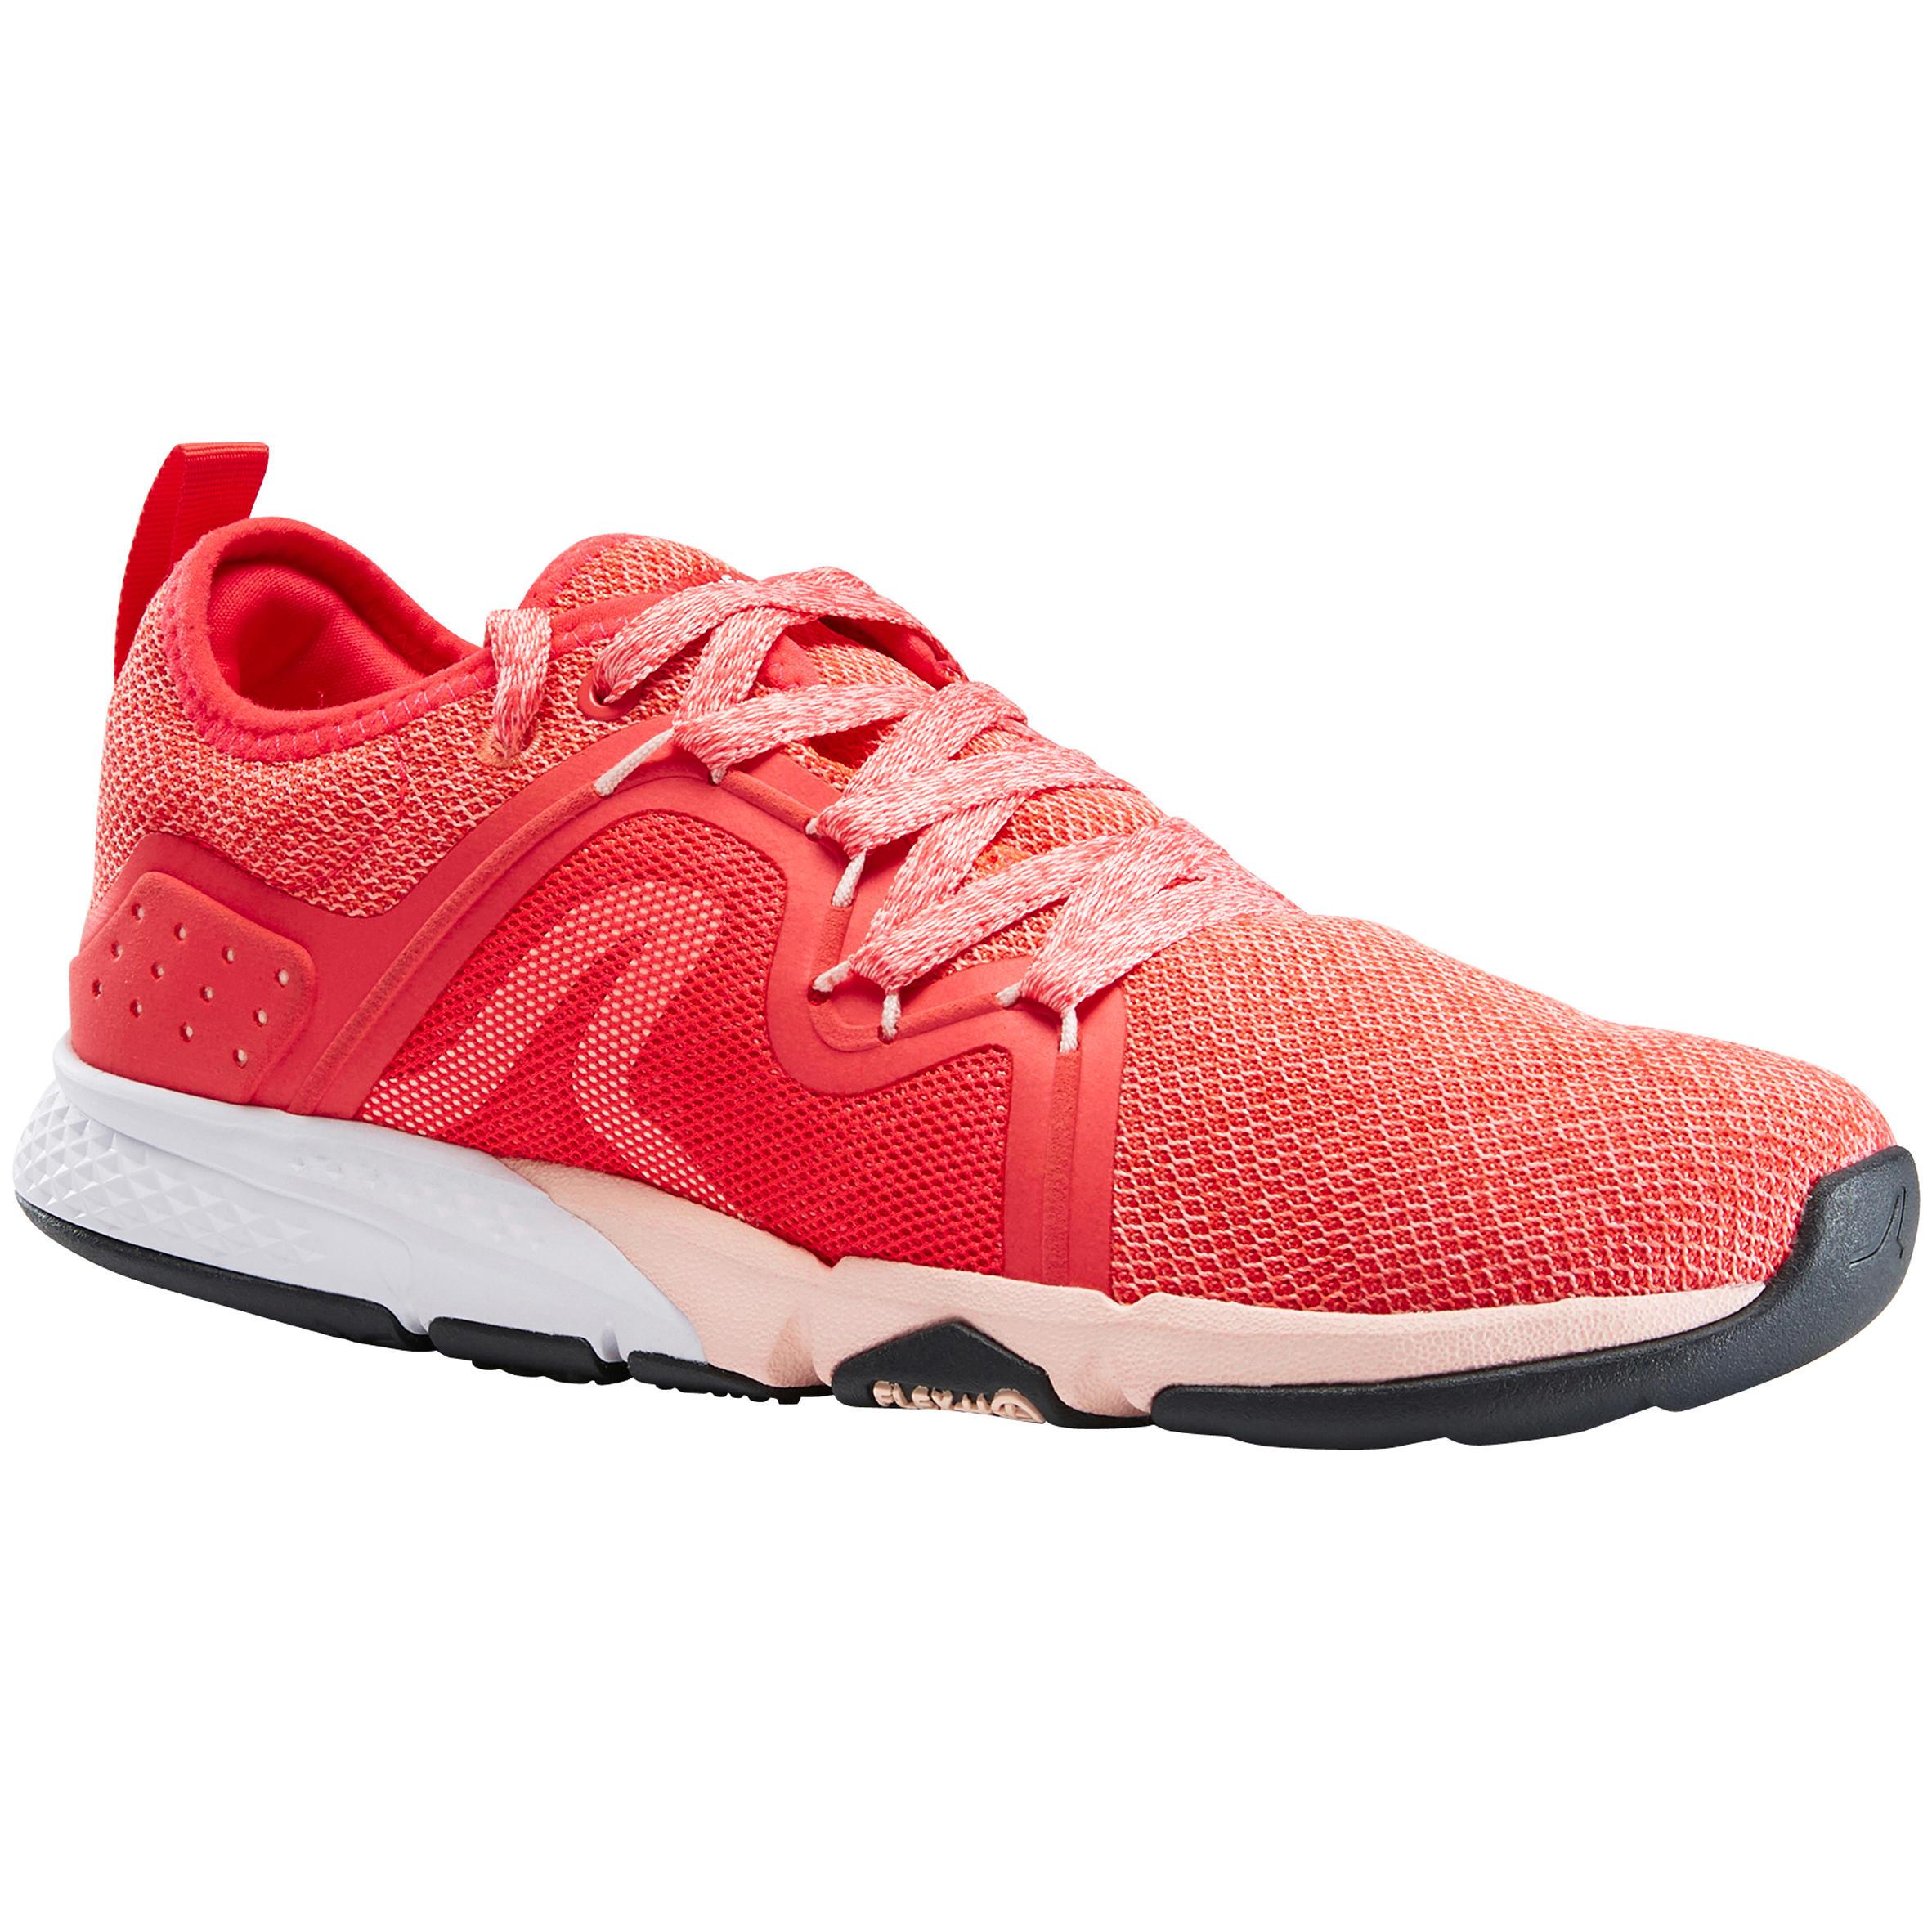 7933512d827 Sneakers dames kopen? | Decathlon.nl